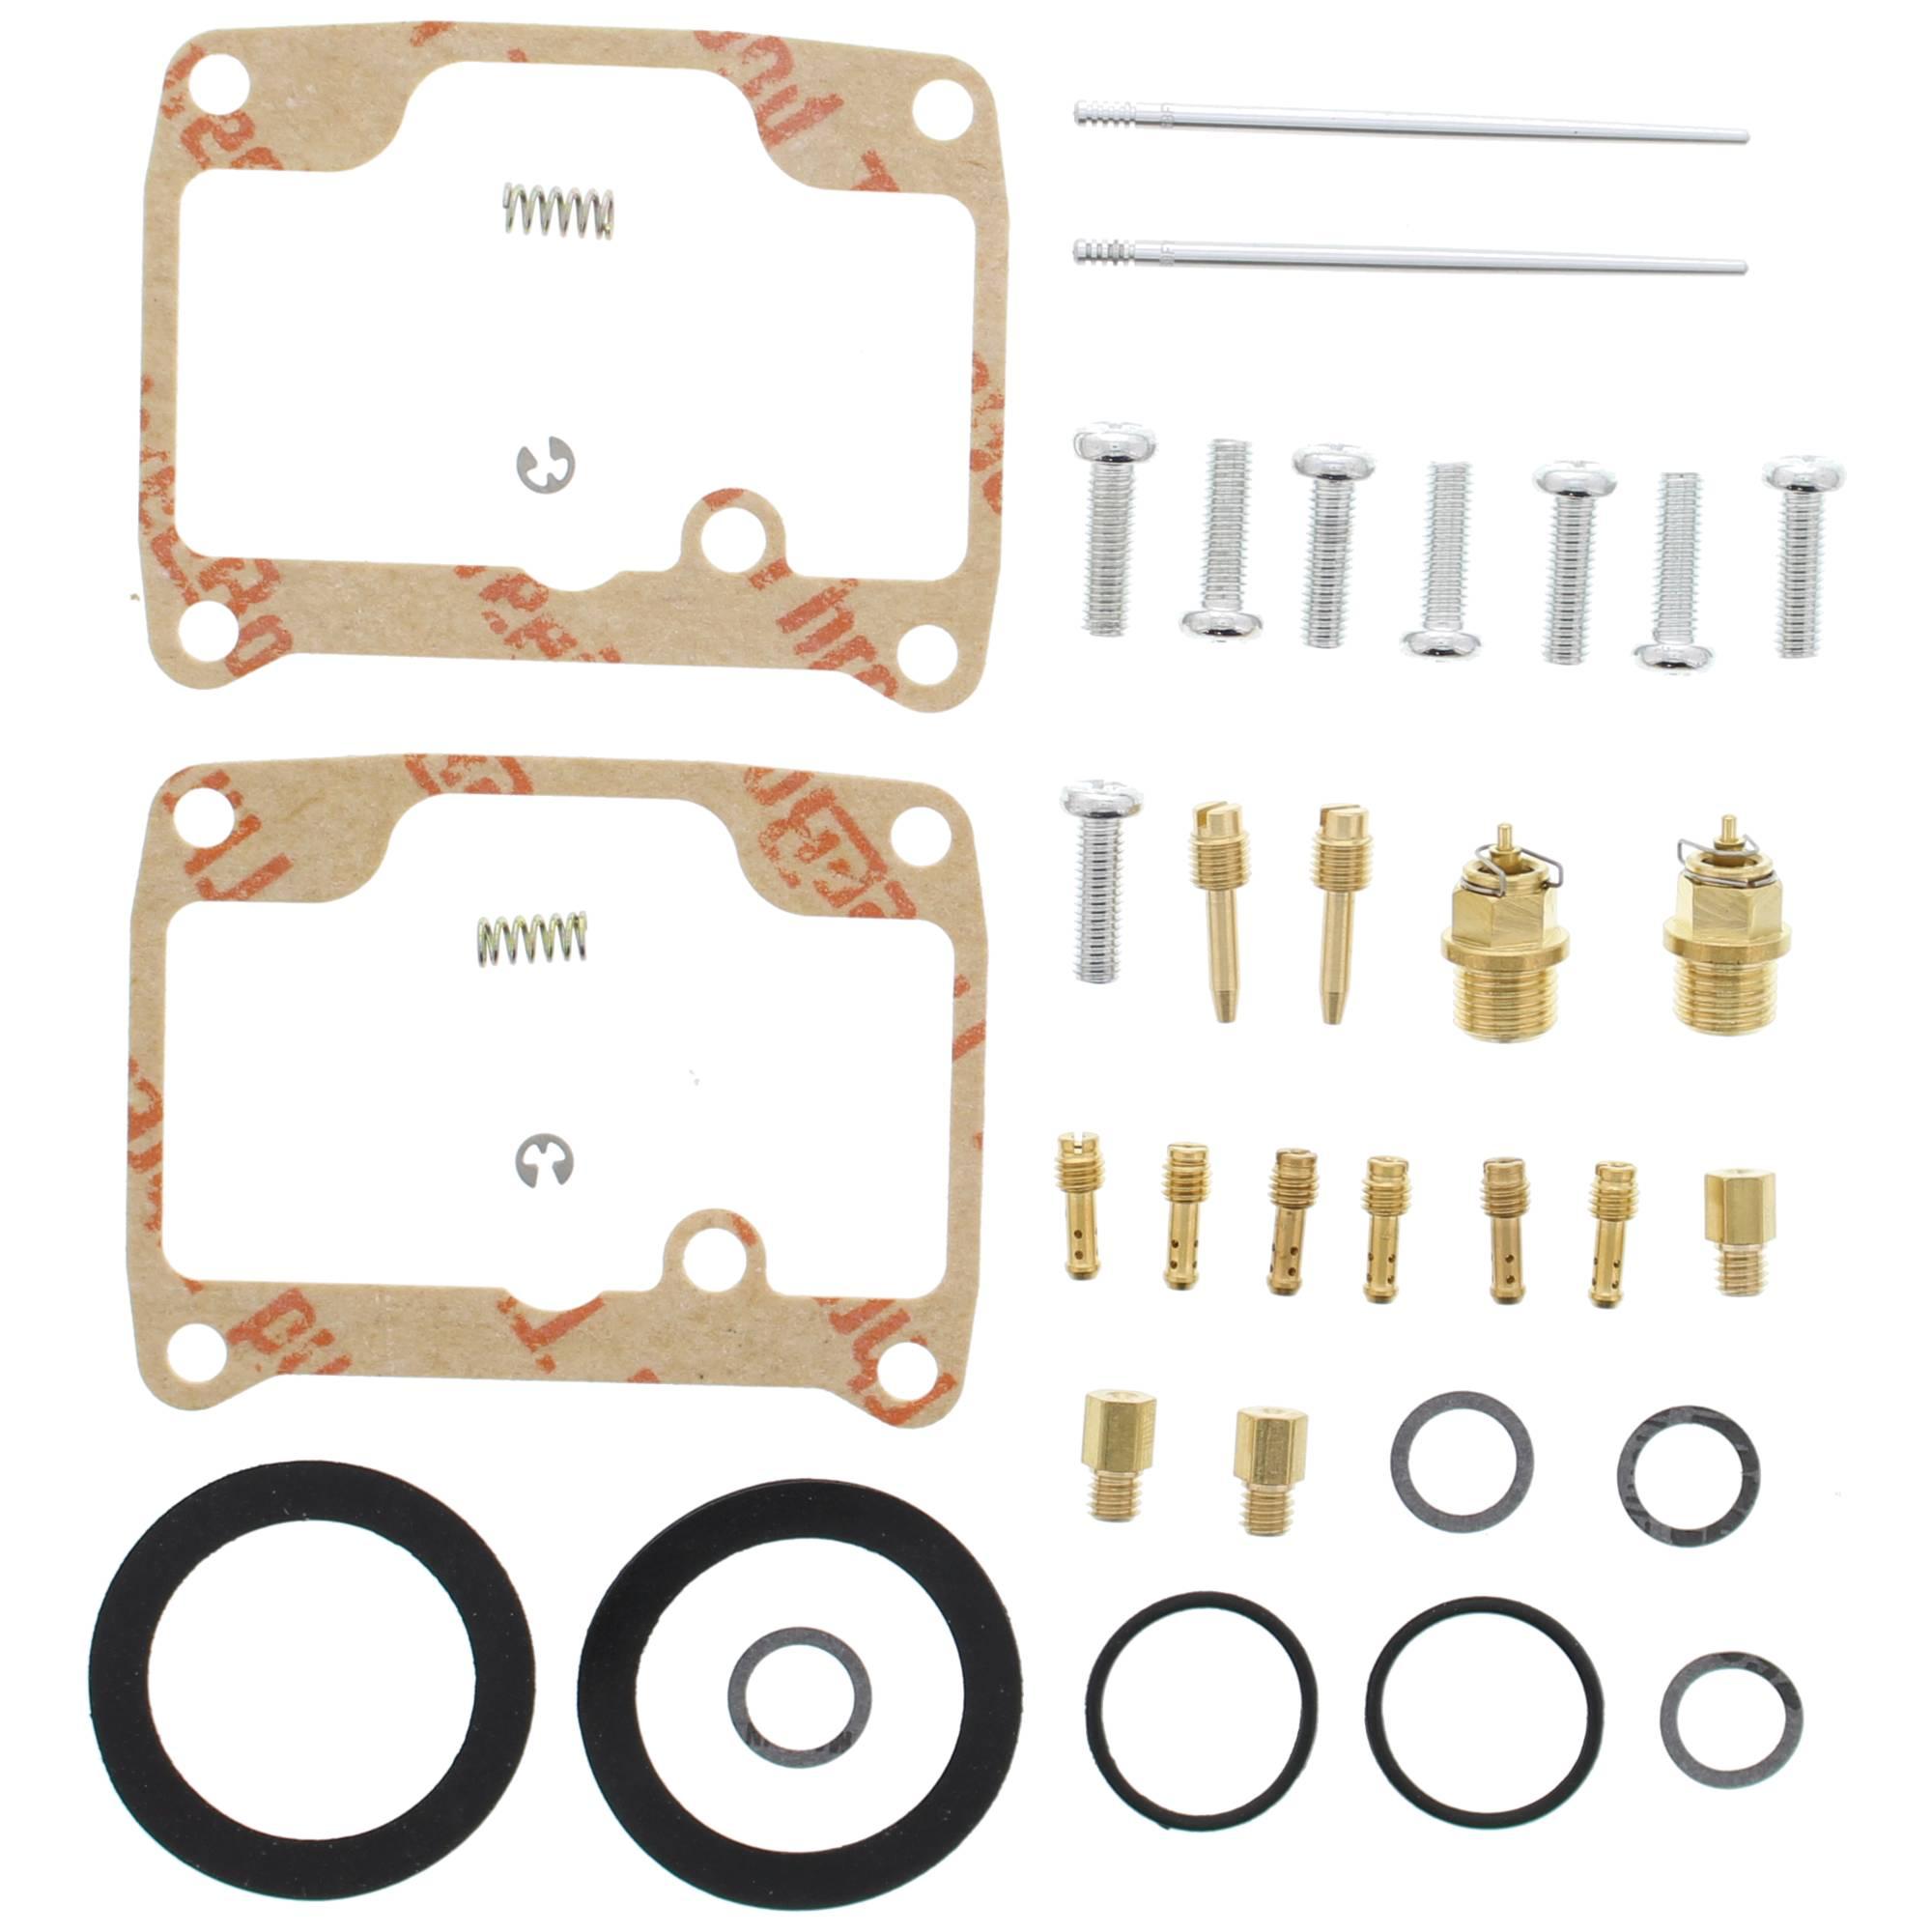 Gold Hose /& Stainless Black Banjos Pro Braking PBK9990-GLD-BLA Front//Rear Braided Brake Line